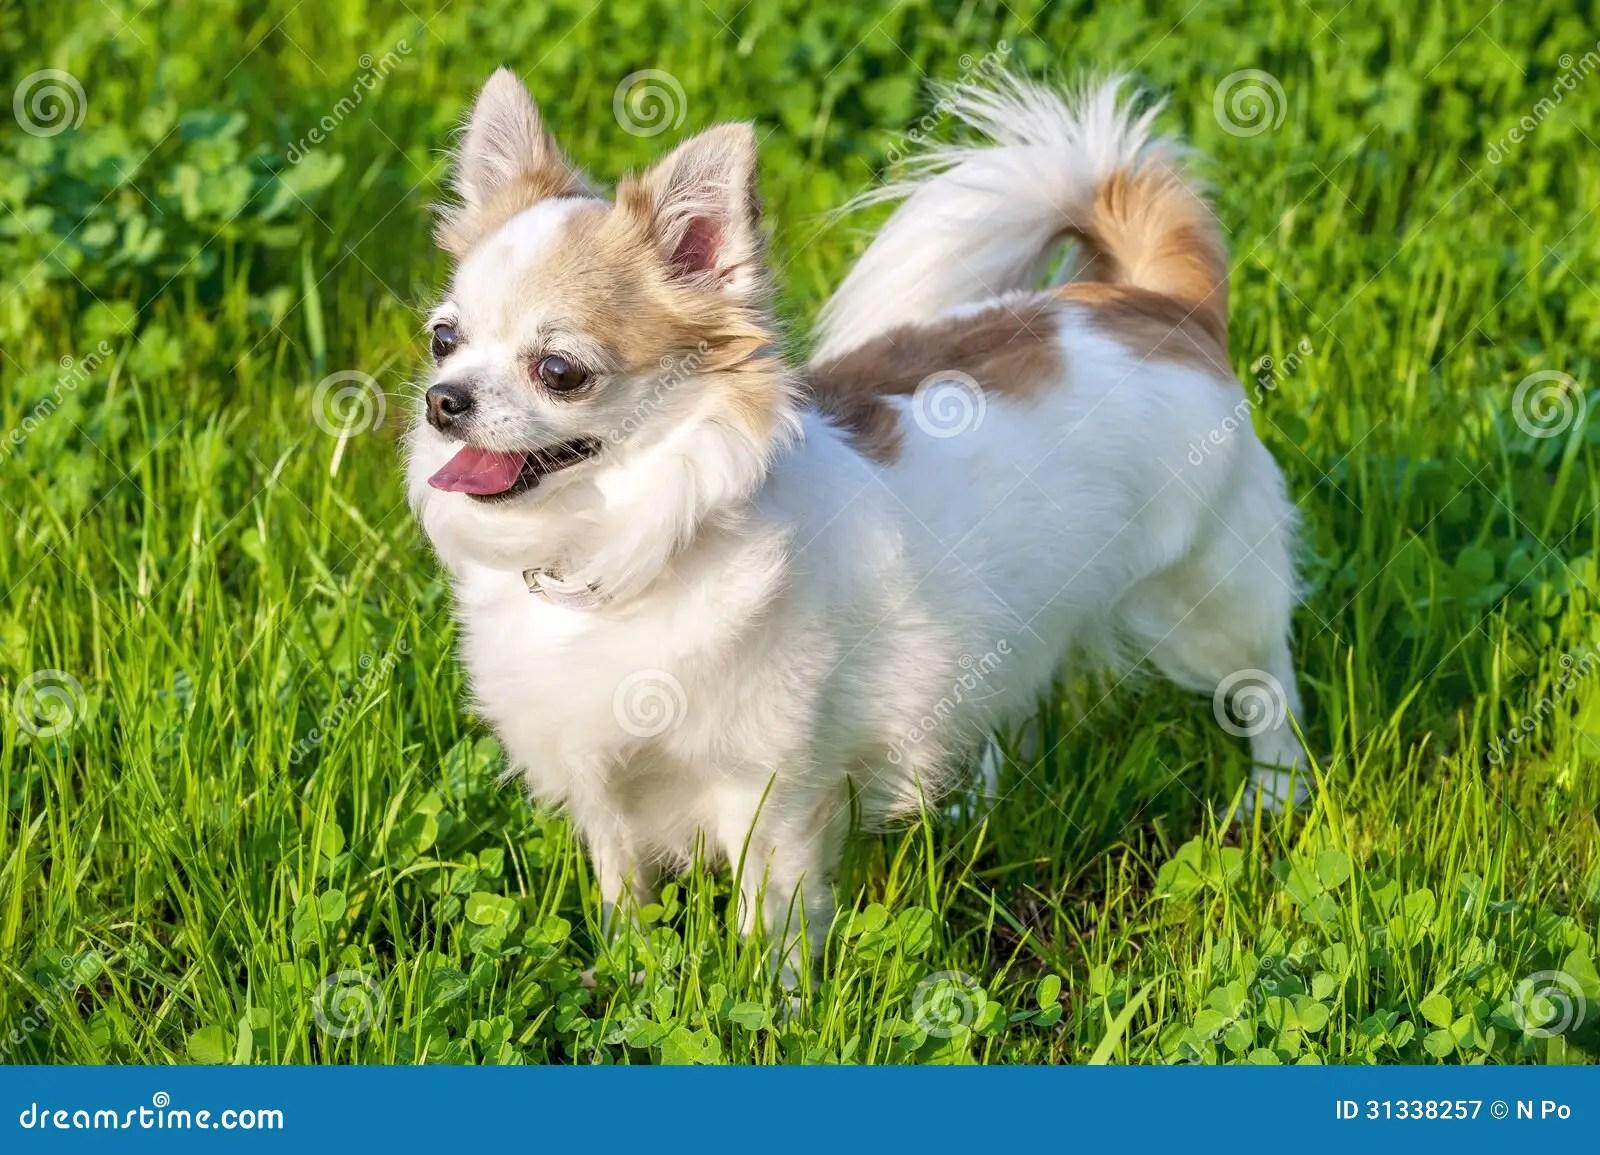 Cute Corgi Puppies Wallpaper Blanc Avec Le Chien Aux Cheveux Longs Rouge De Chiwawa Sur